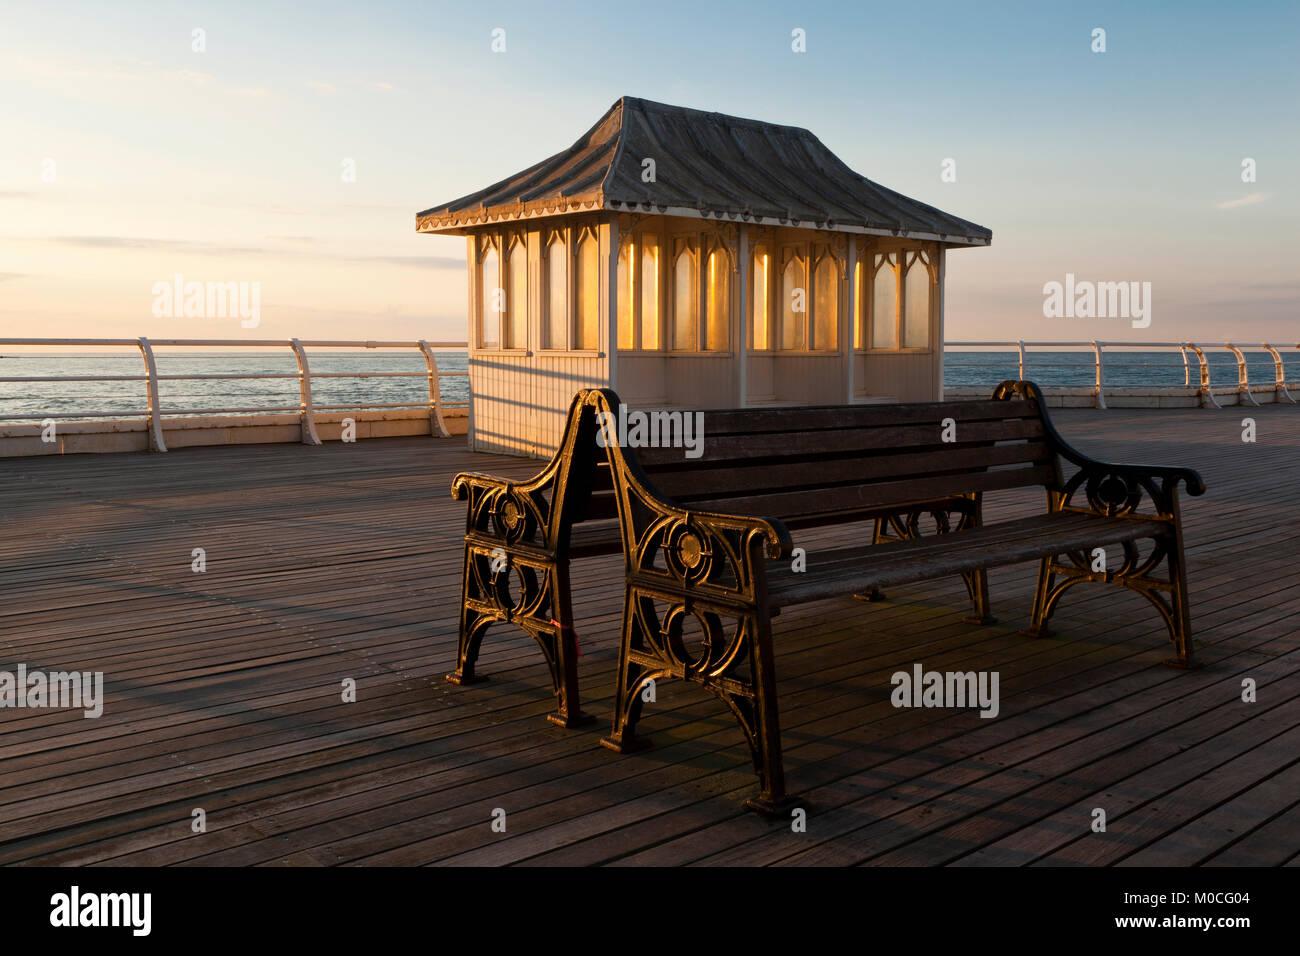 Posti a sedere coperti su Cromer Pier, Norfolk, Regno Unito Immagini Stock